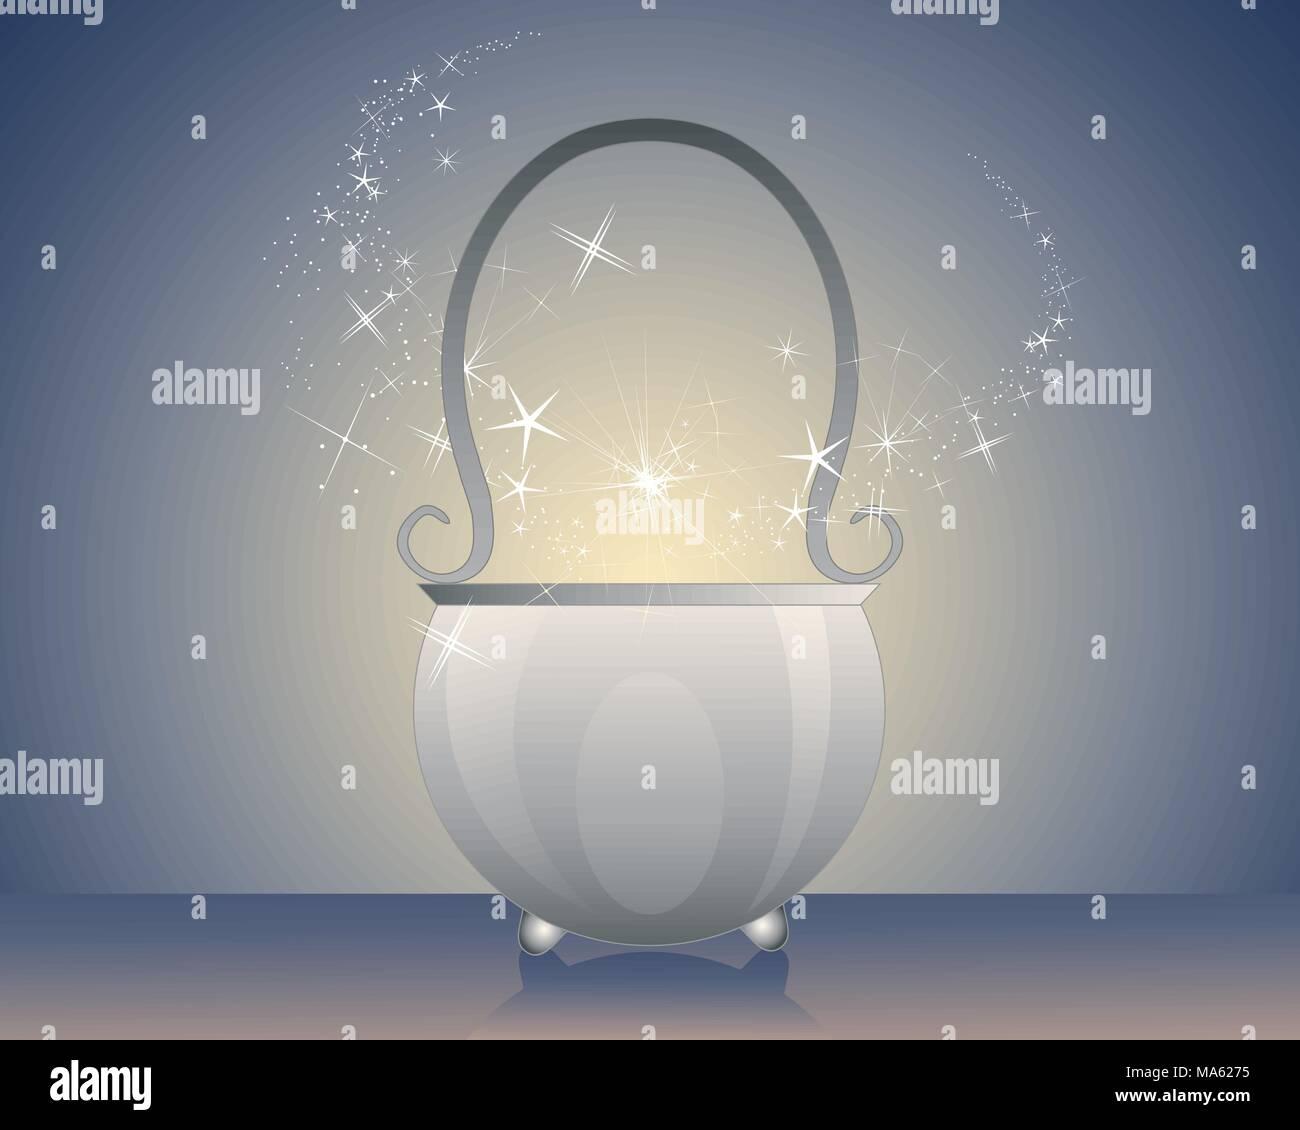 Una illustrazione vettoriale in formato eps formato 10 di un magico calderone di metallo con una pozione faville e fumo su un incandescente sfondo scuro Immagini Stock